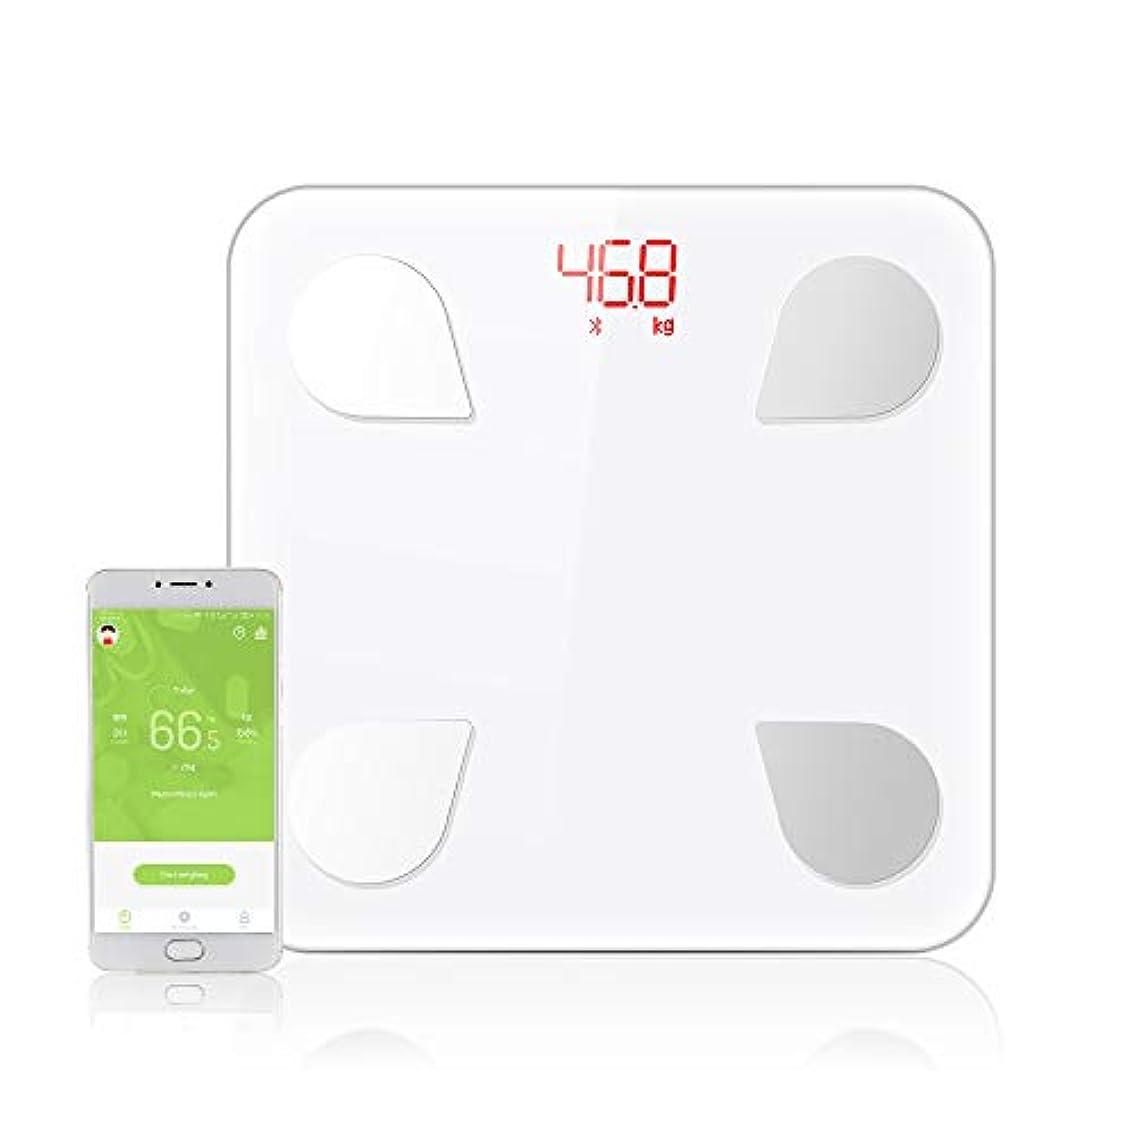 多分アソシエイト一貫したLANNIU 体重?体組成計 Bluetooth スマホ 体脂肪計 体重計 スマホ連動 22種類測定可能 高精度 iOS/Androidアプリで健康管理 日本語説明書付き